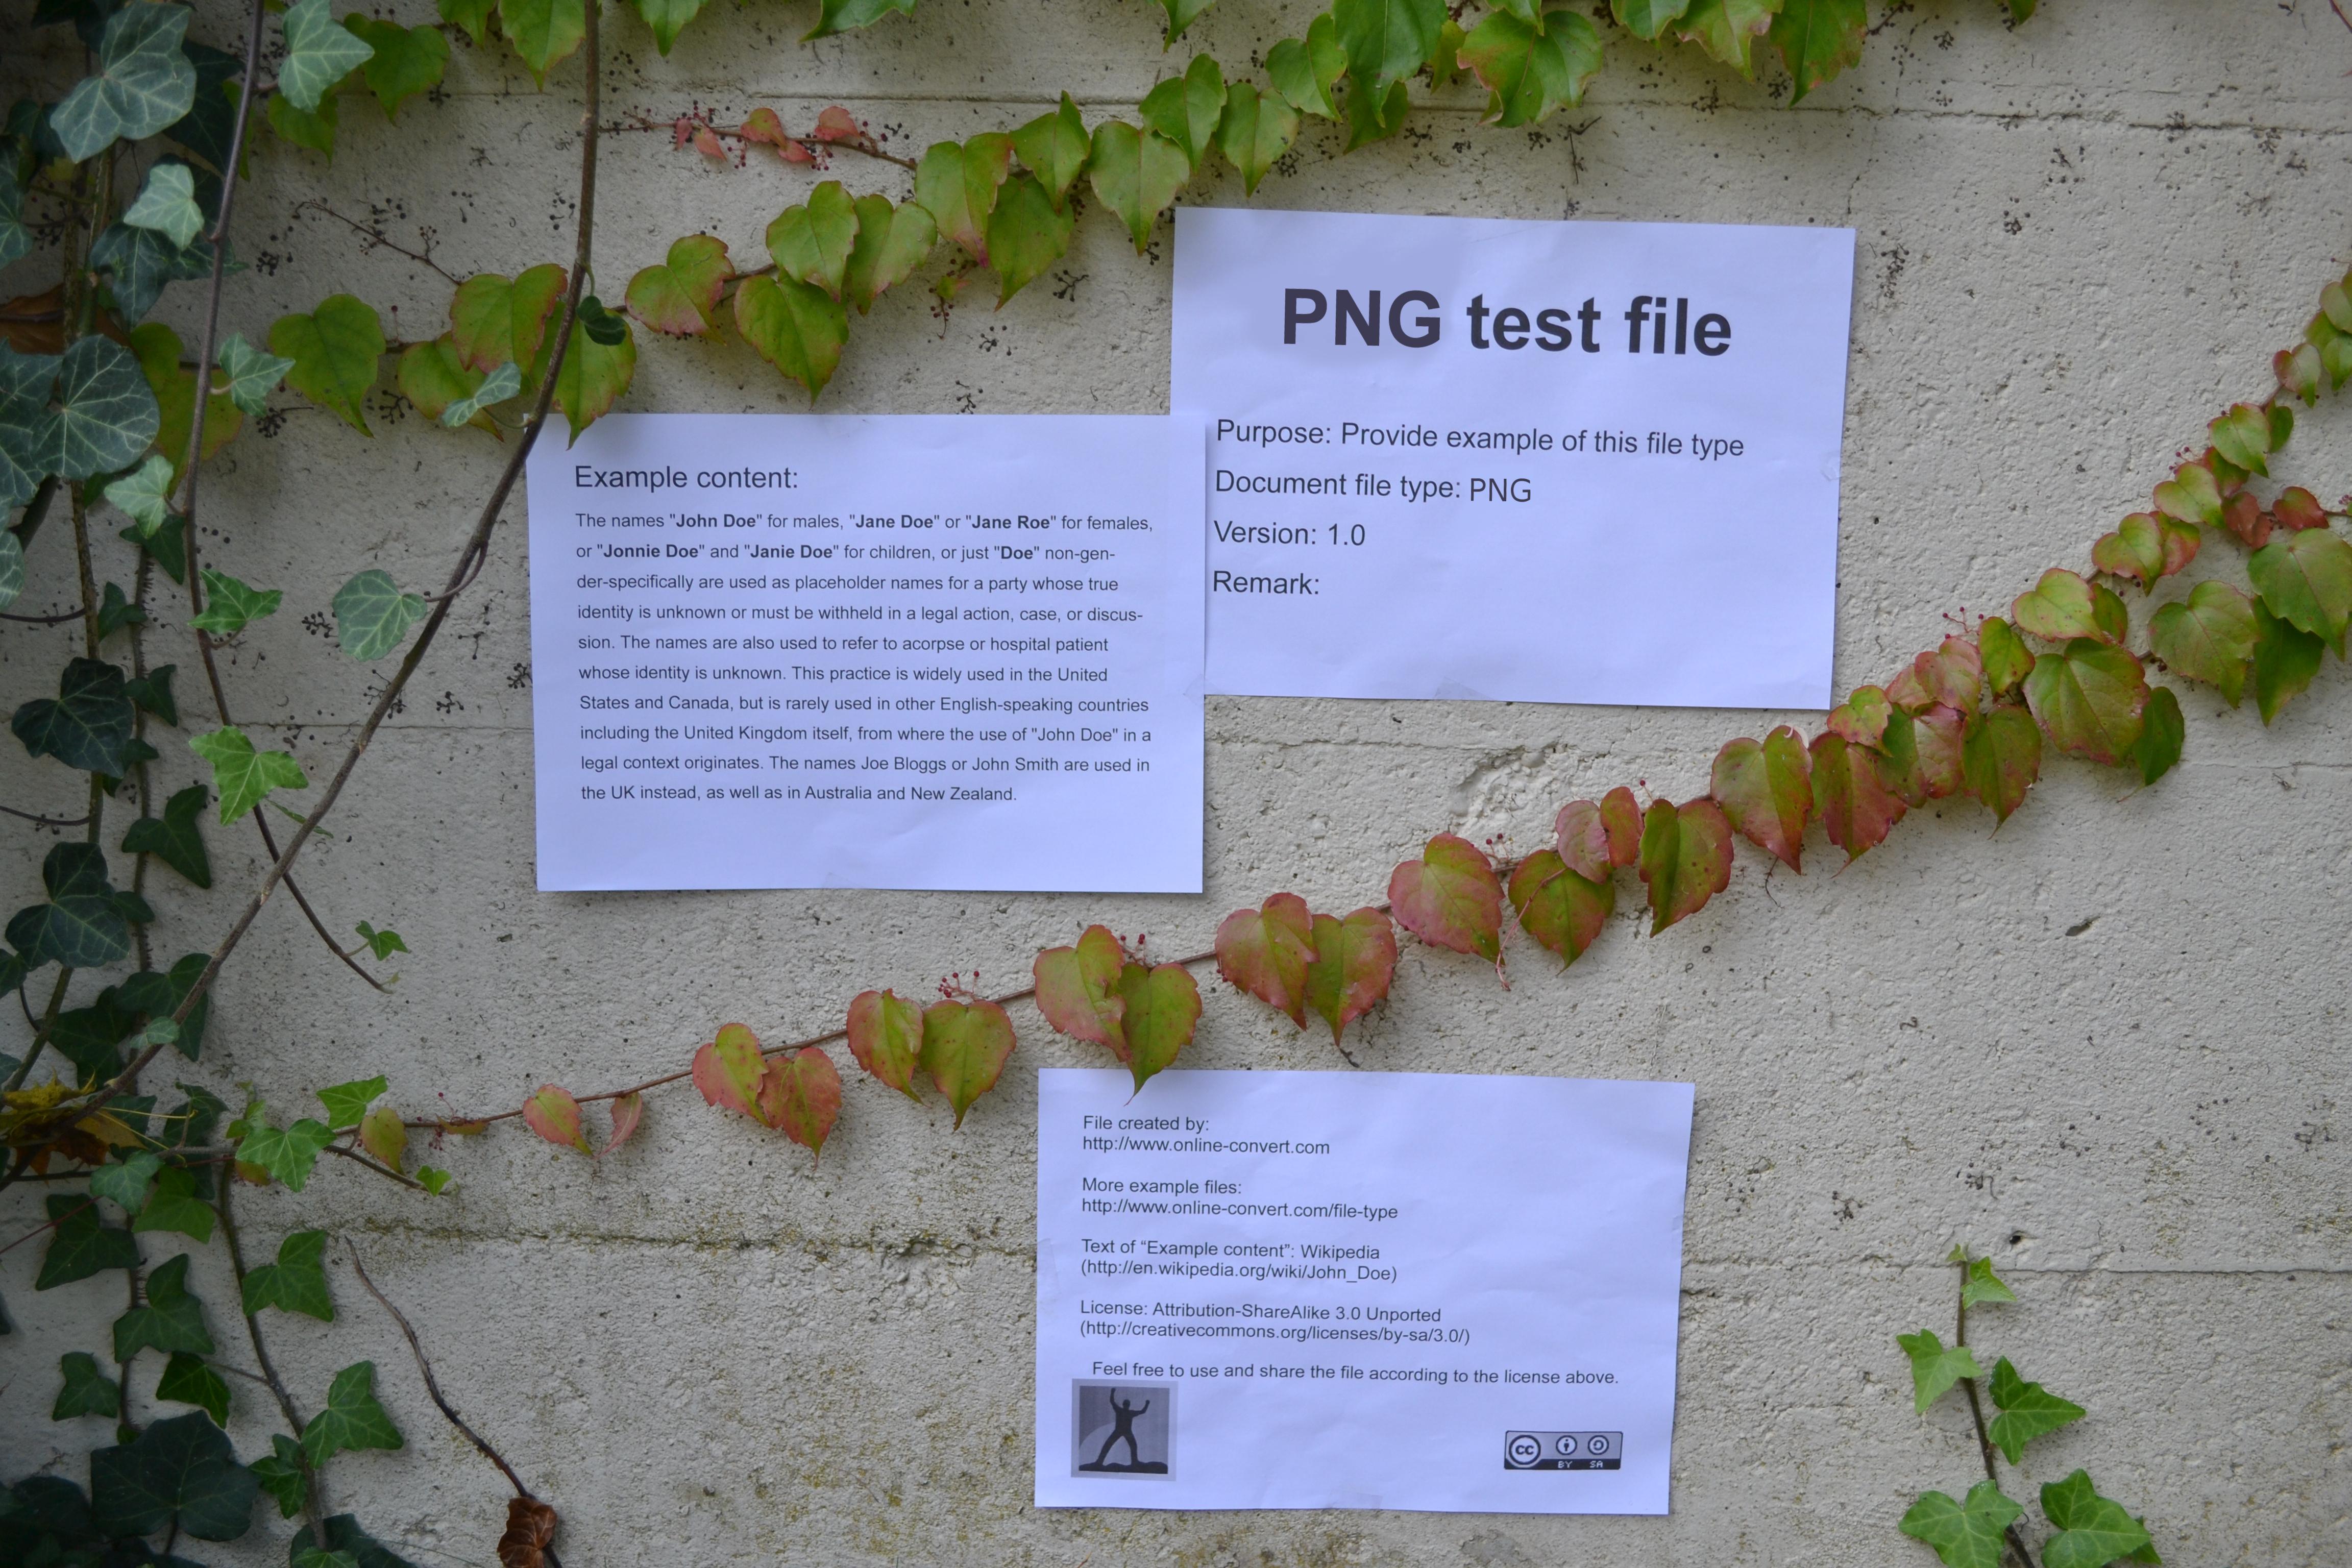 Información sobre la extensión de archivo PNG.